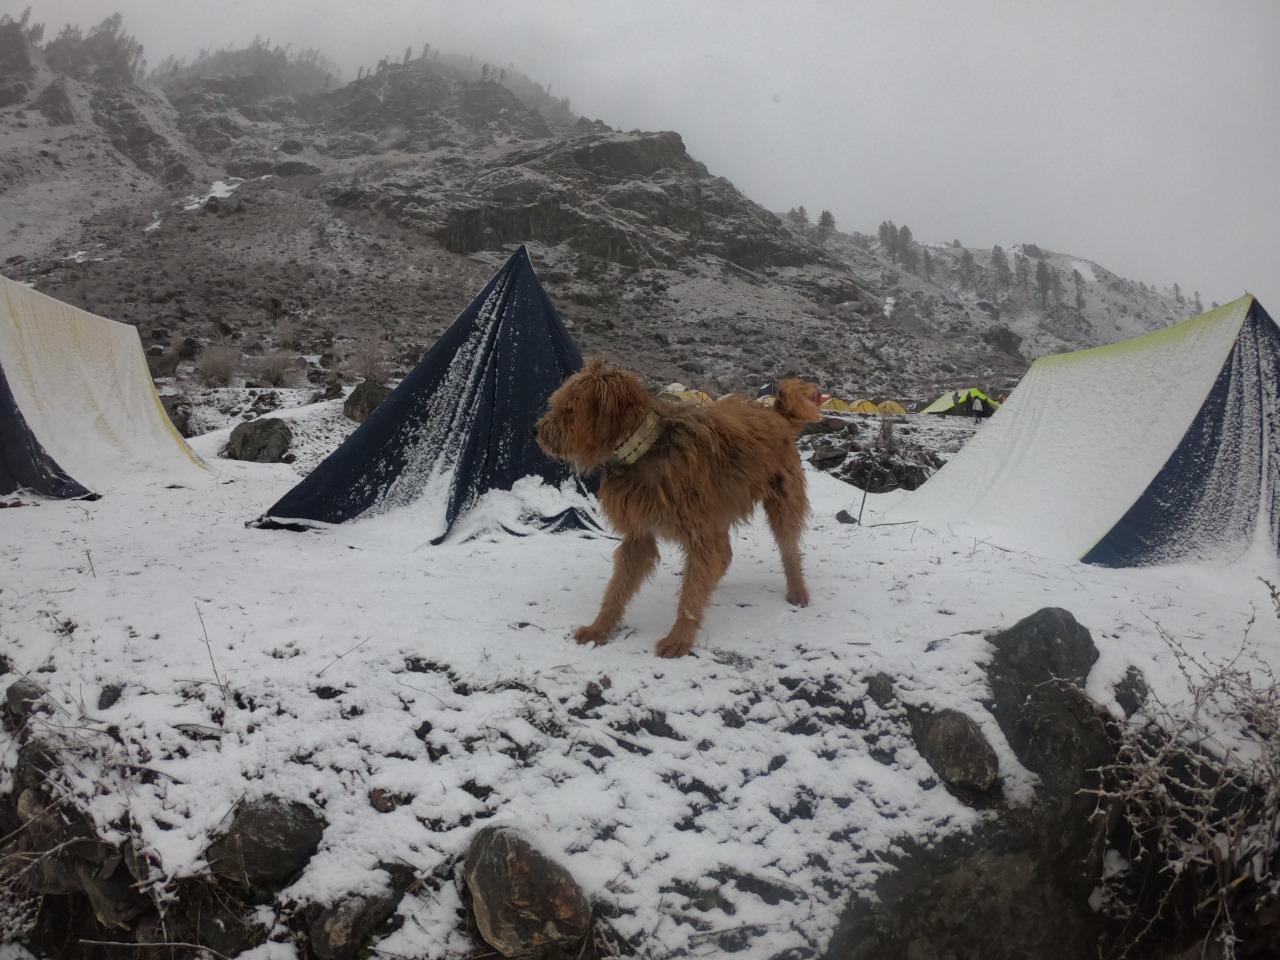 brown colour dog at har ki dun campsite